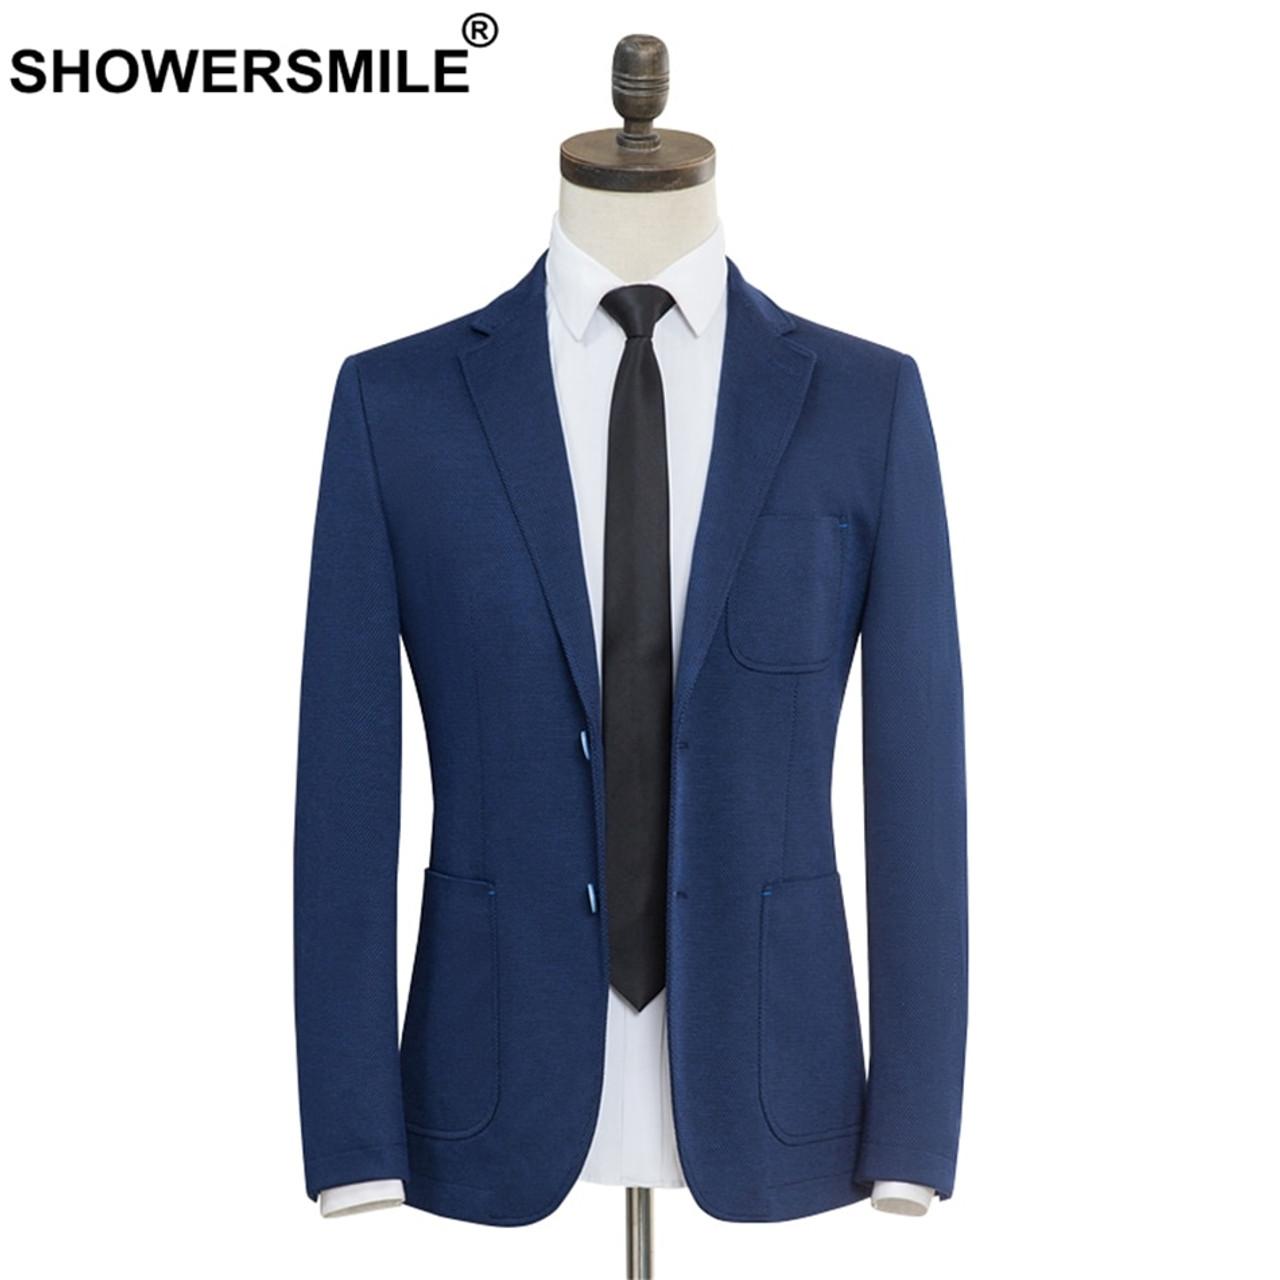 e2b38d33e3673 SHOWERSMILE Brand Smart Casual Blazer Men Slim Fit Blue Suit Jacket Male  Gentlemen Plus Size Blazer Jacket Autumn Wedding Coat - OnshopDeals.Com